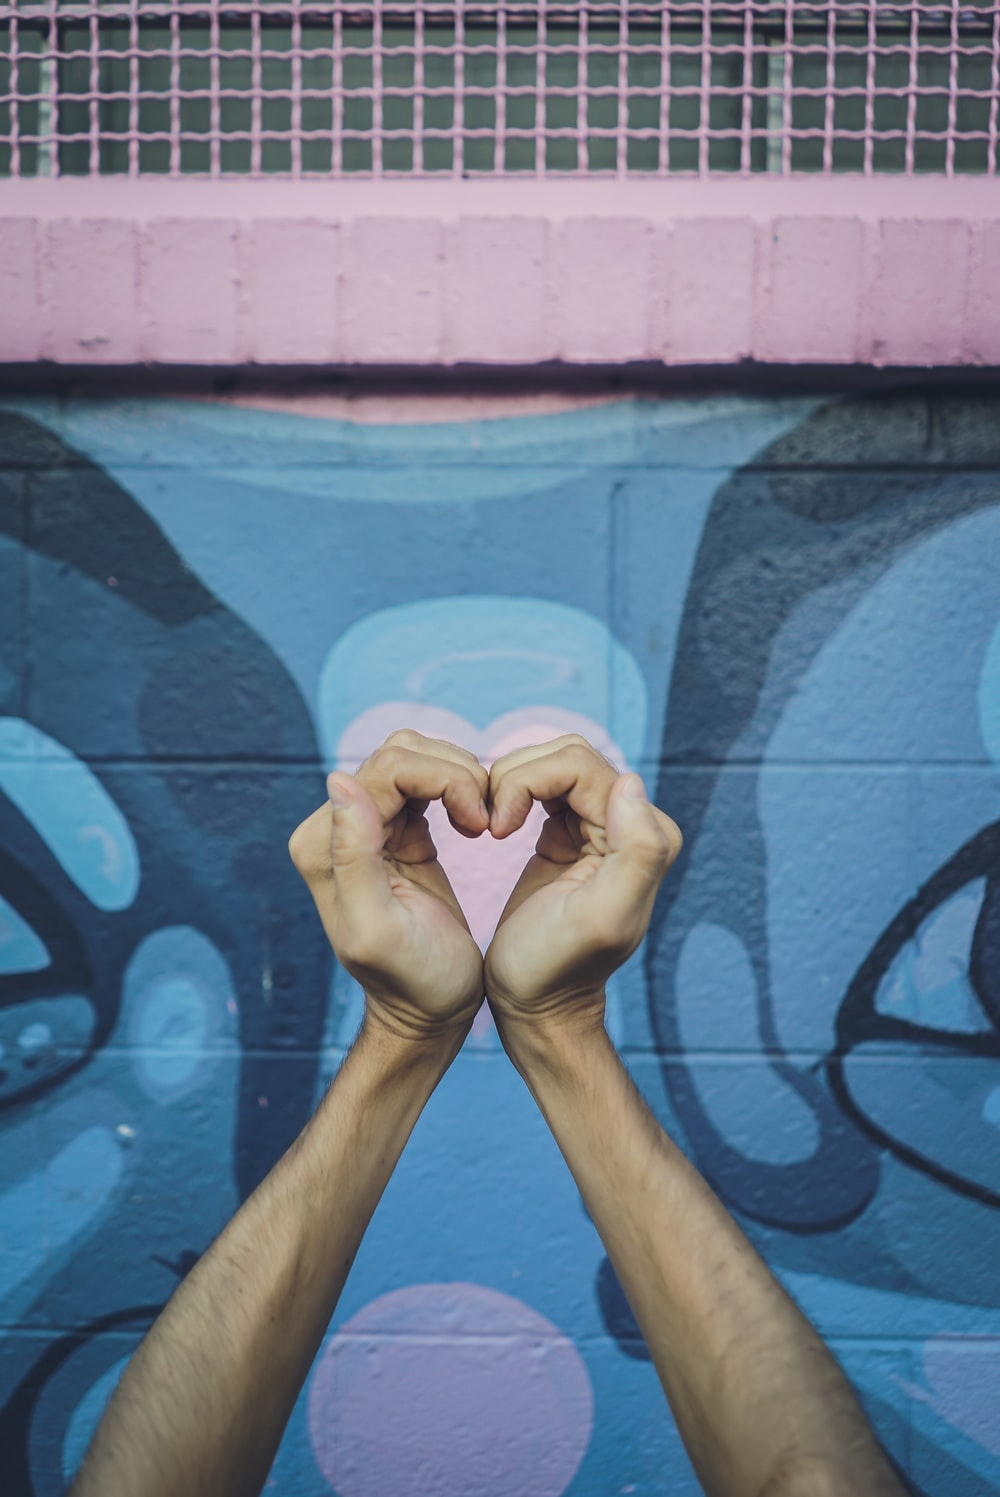 human hands doing heart gesture